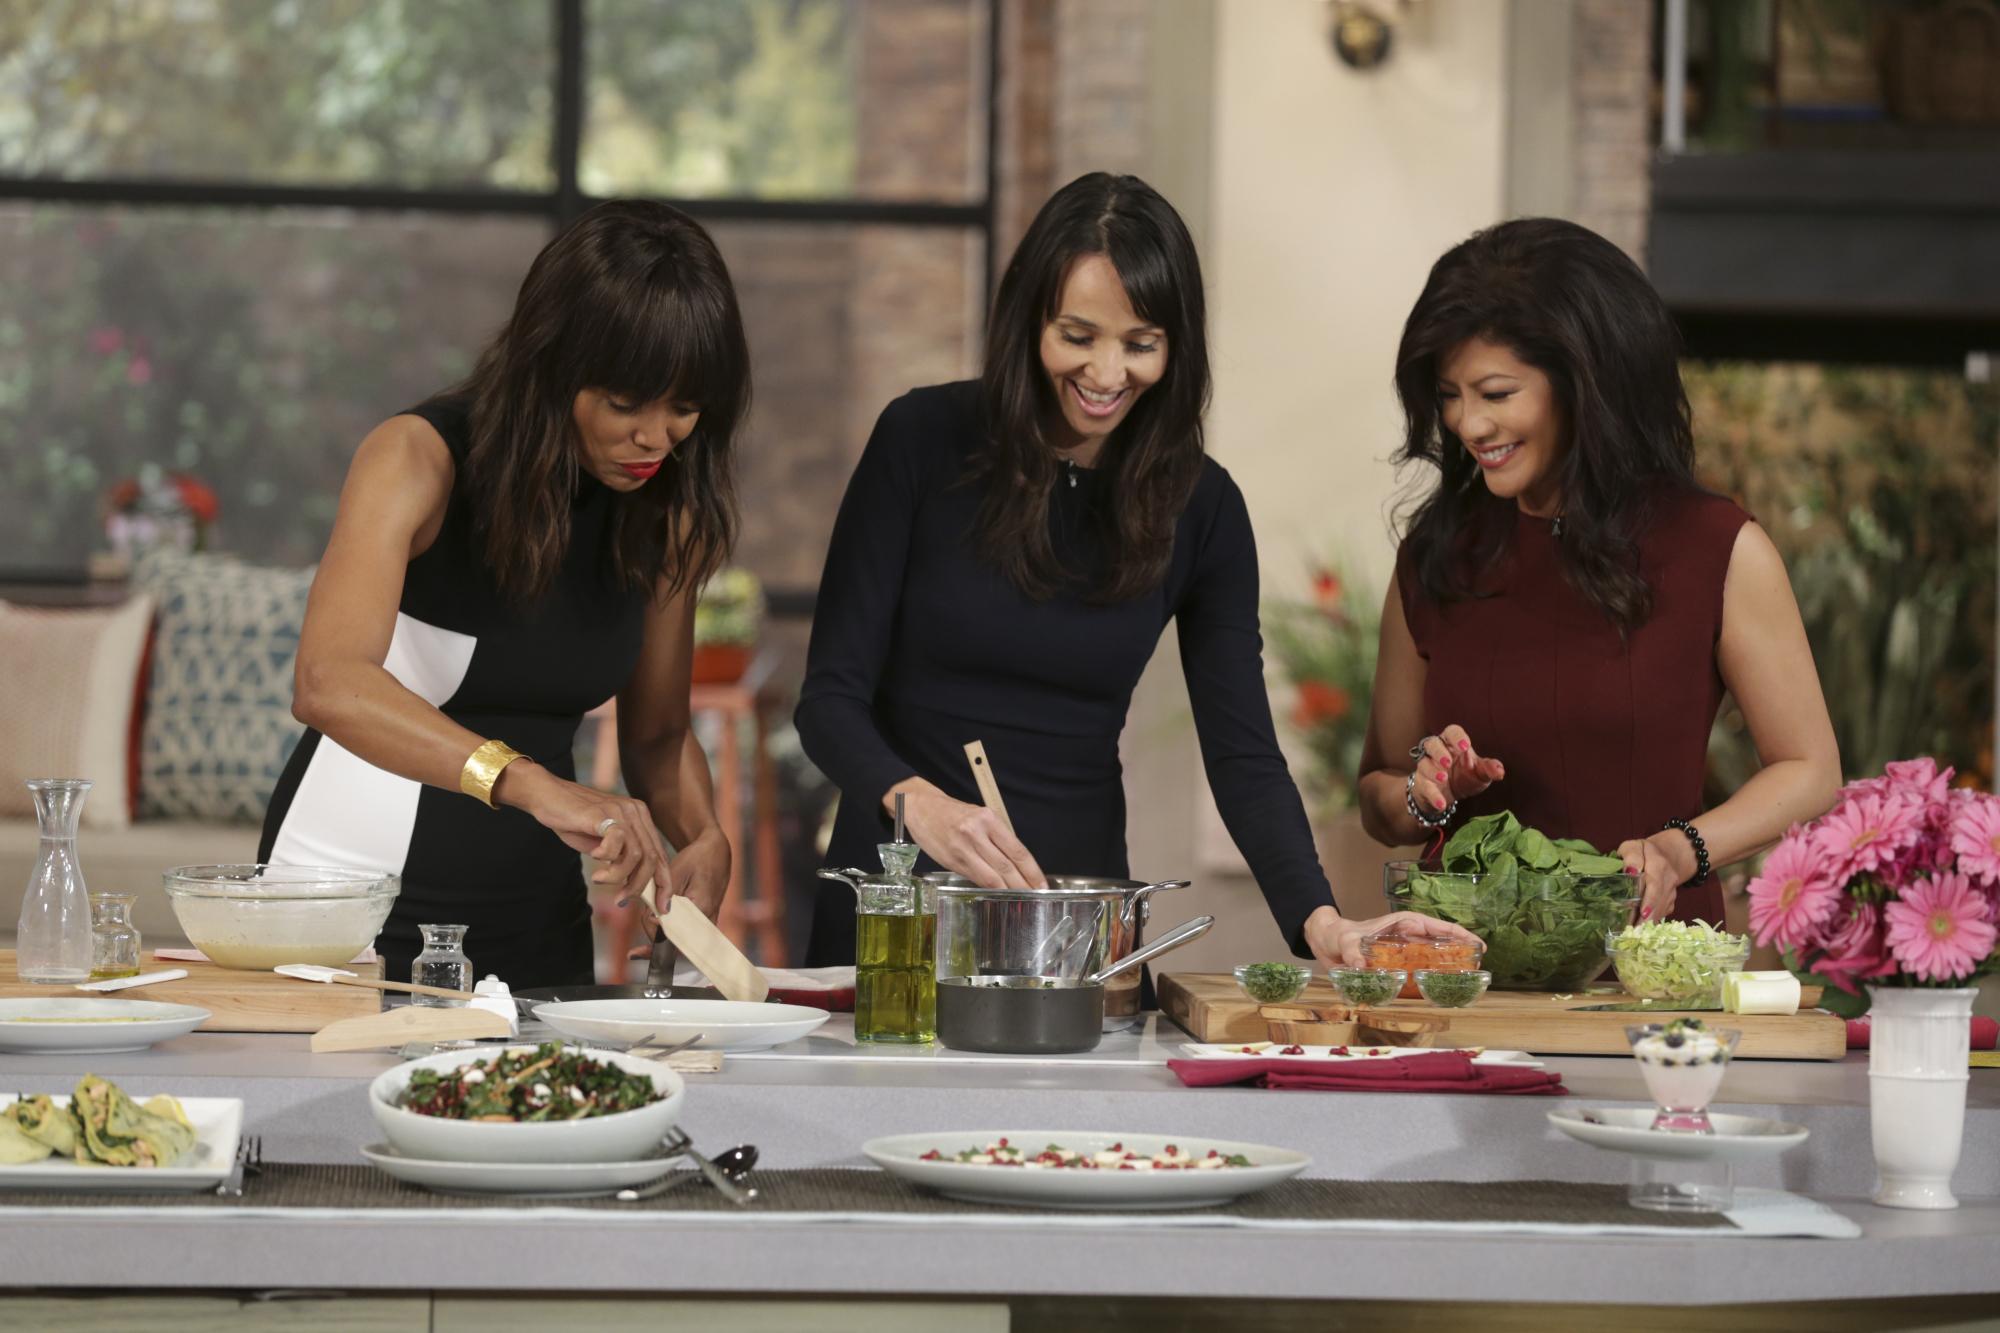 7. Marisa Churchill shared healthy recipes.